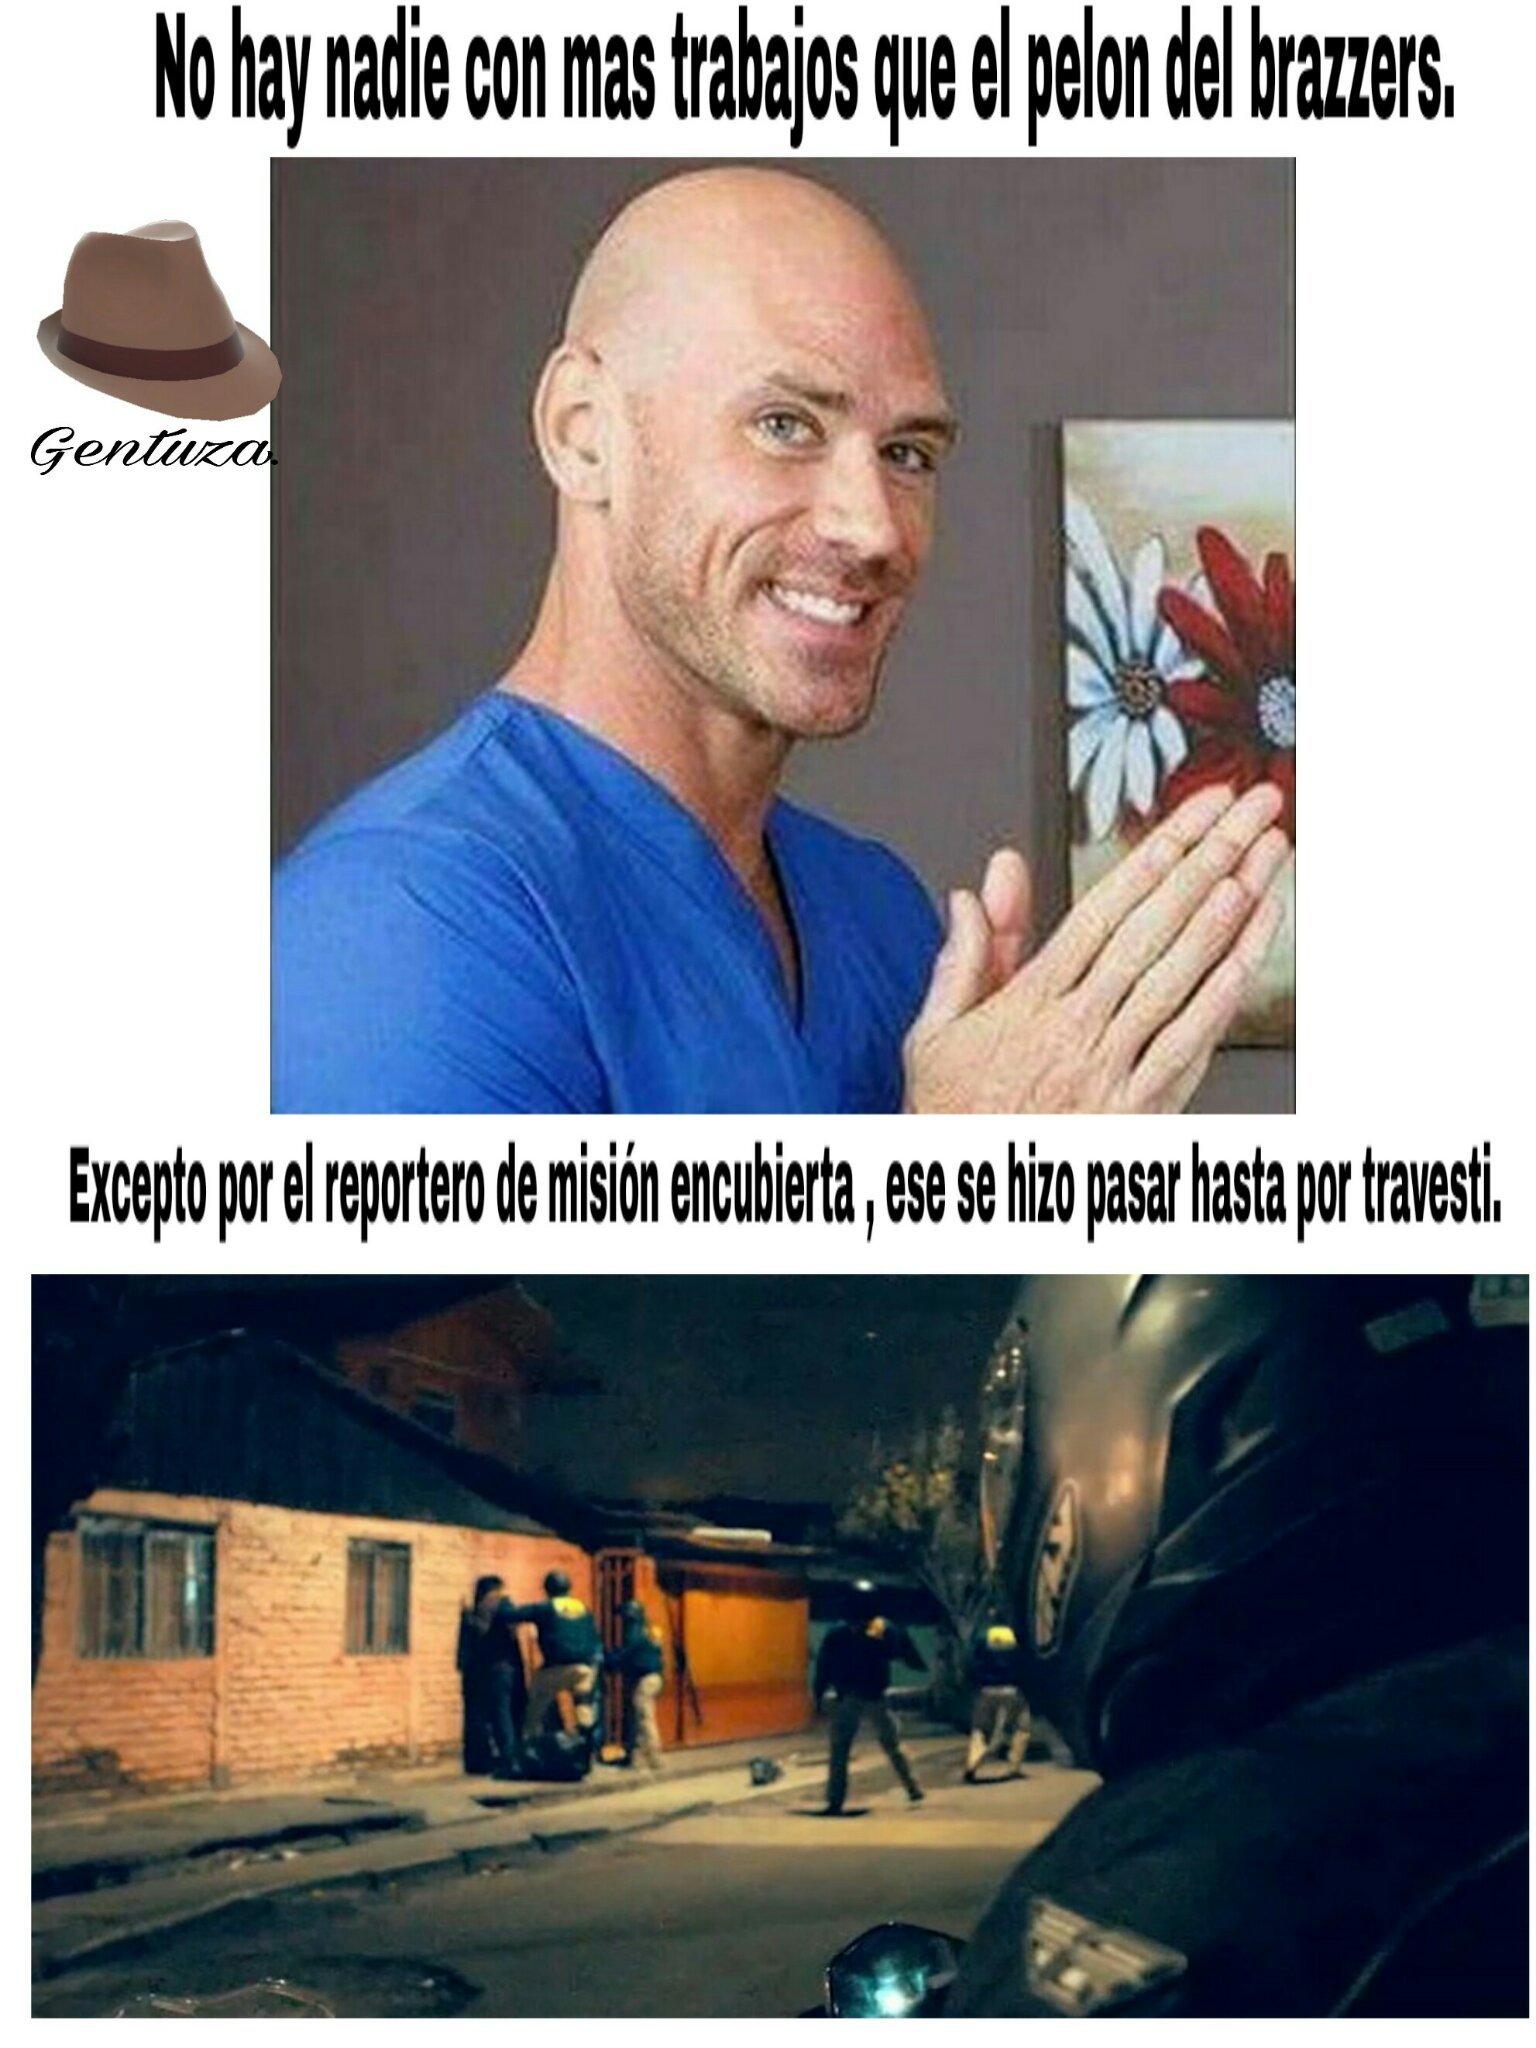 Es un reportero de la tv chilena - meme